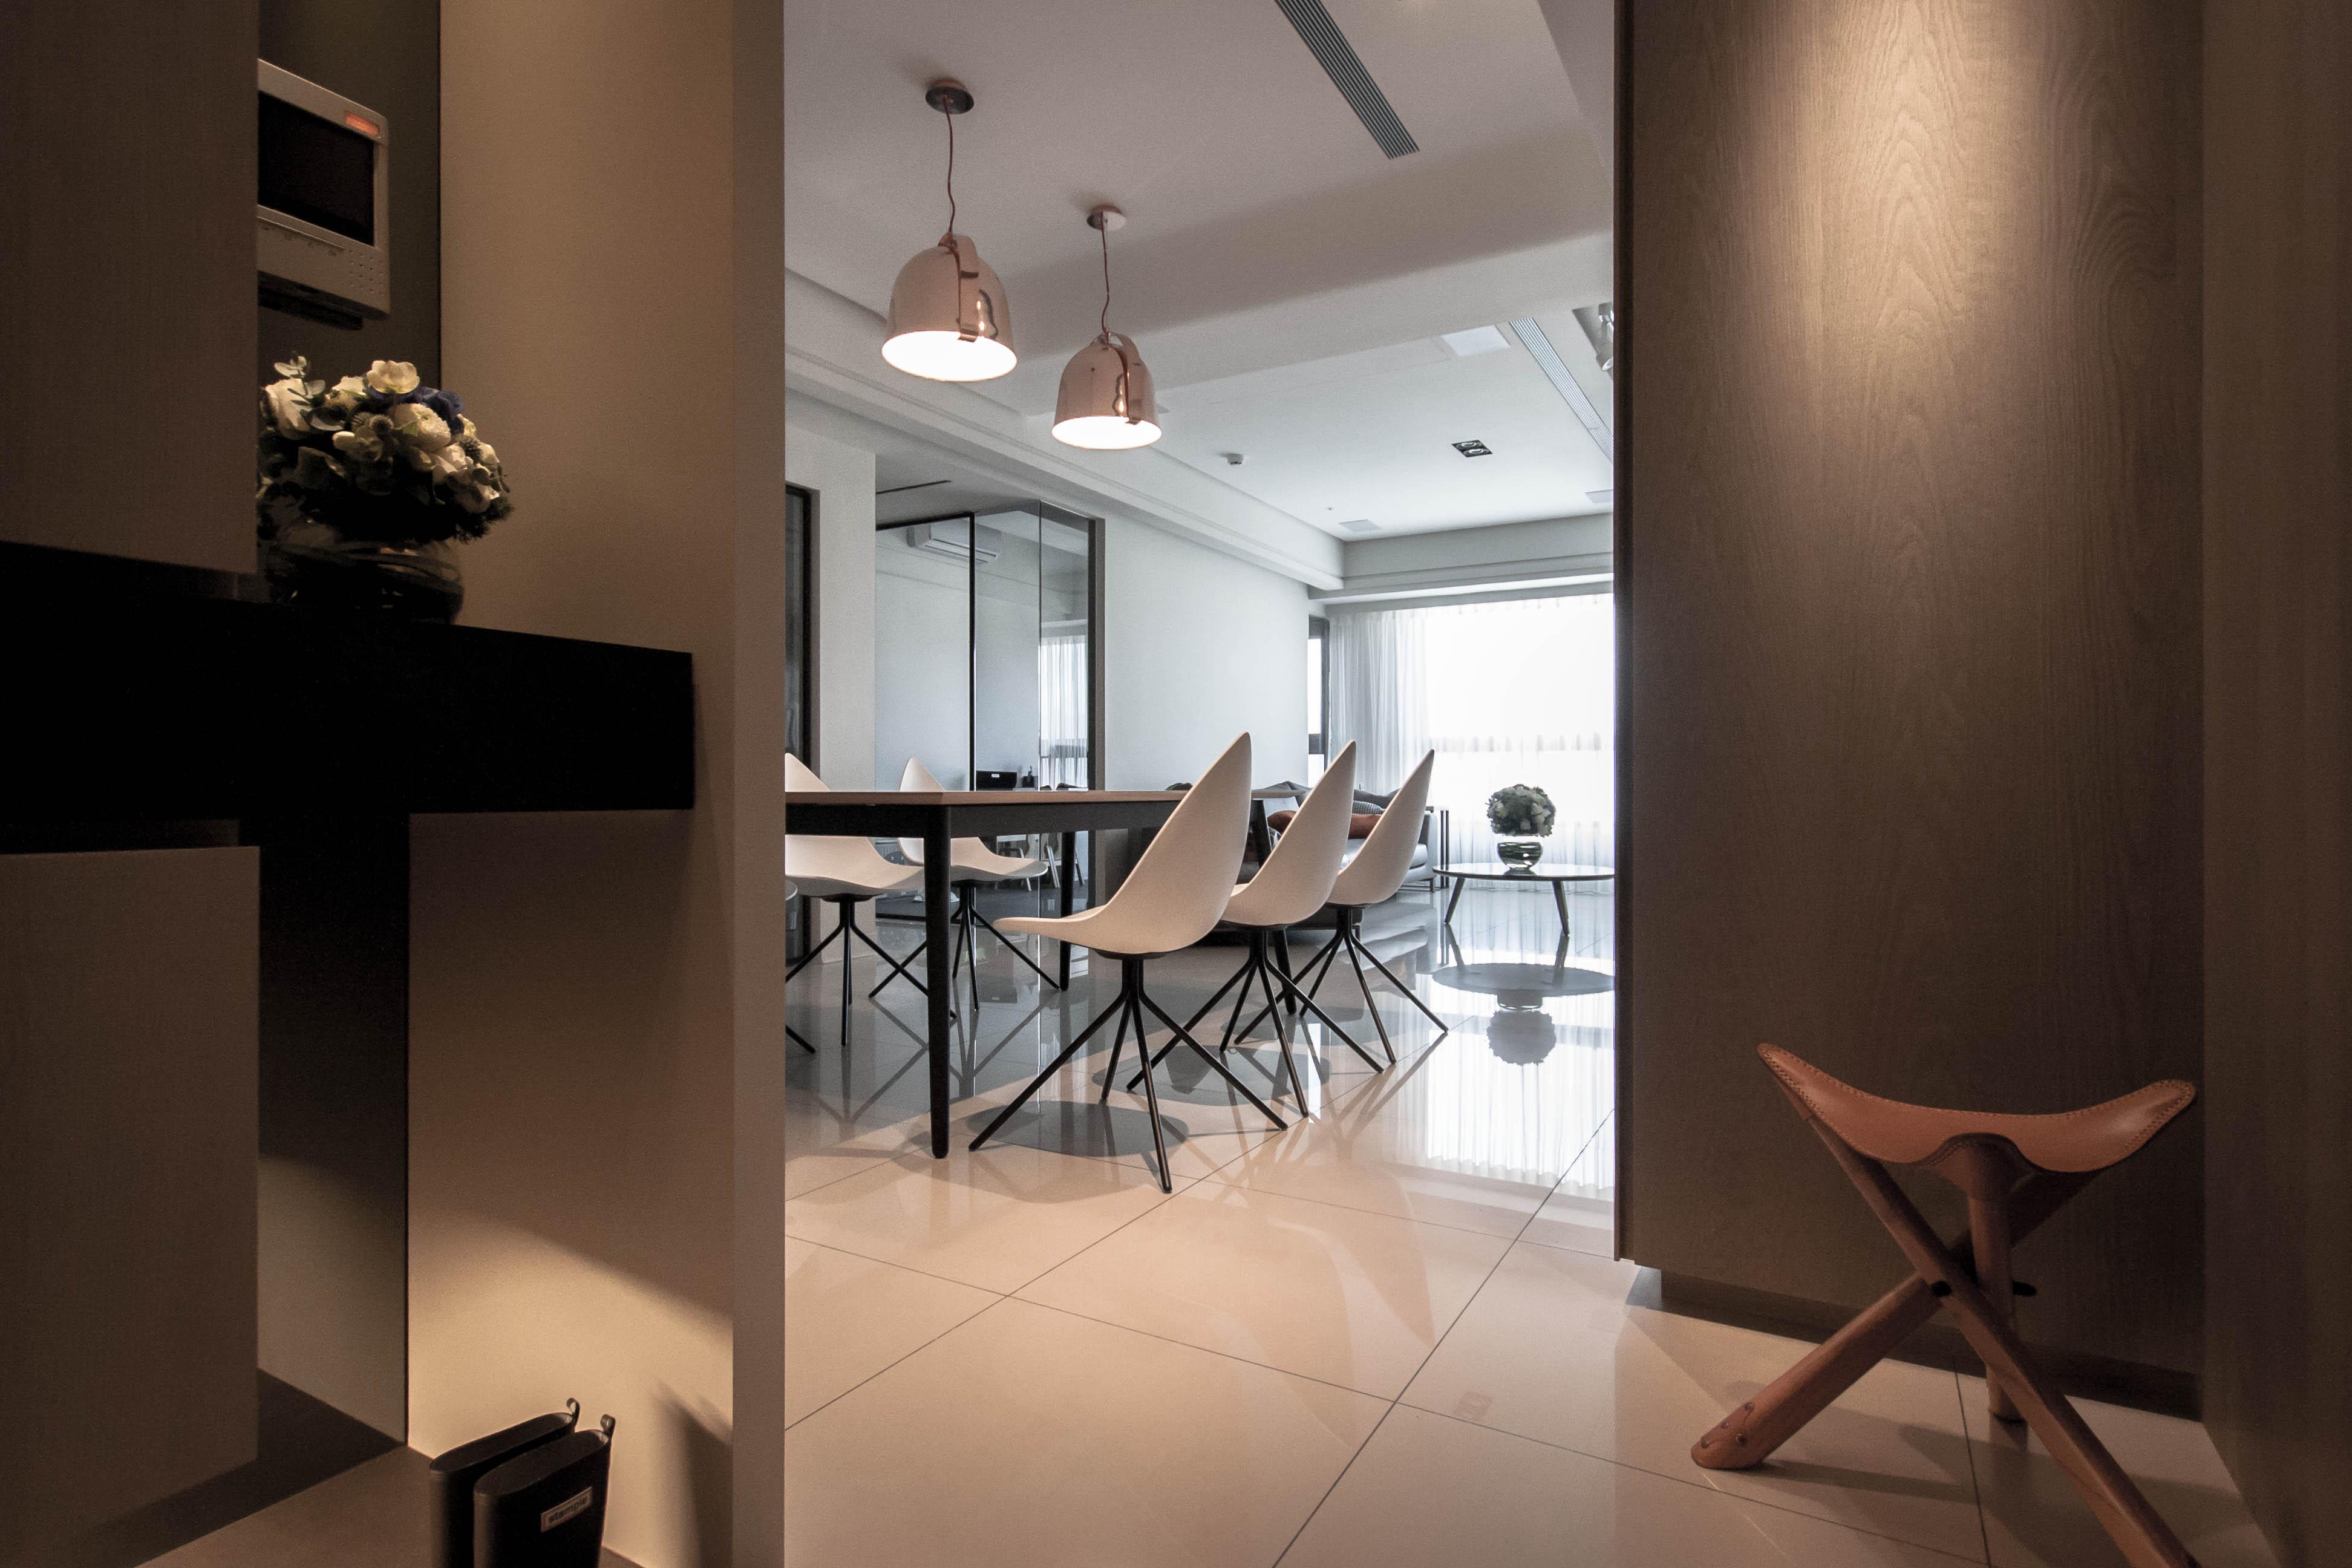 北大特區室內設計 | 遠雄大學京都室內設計案